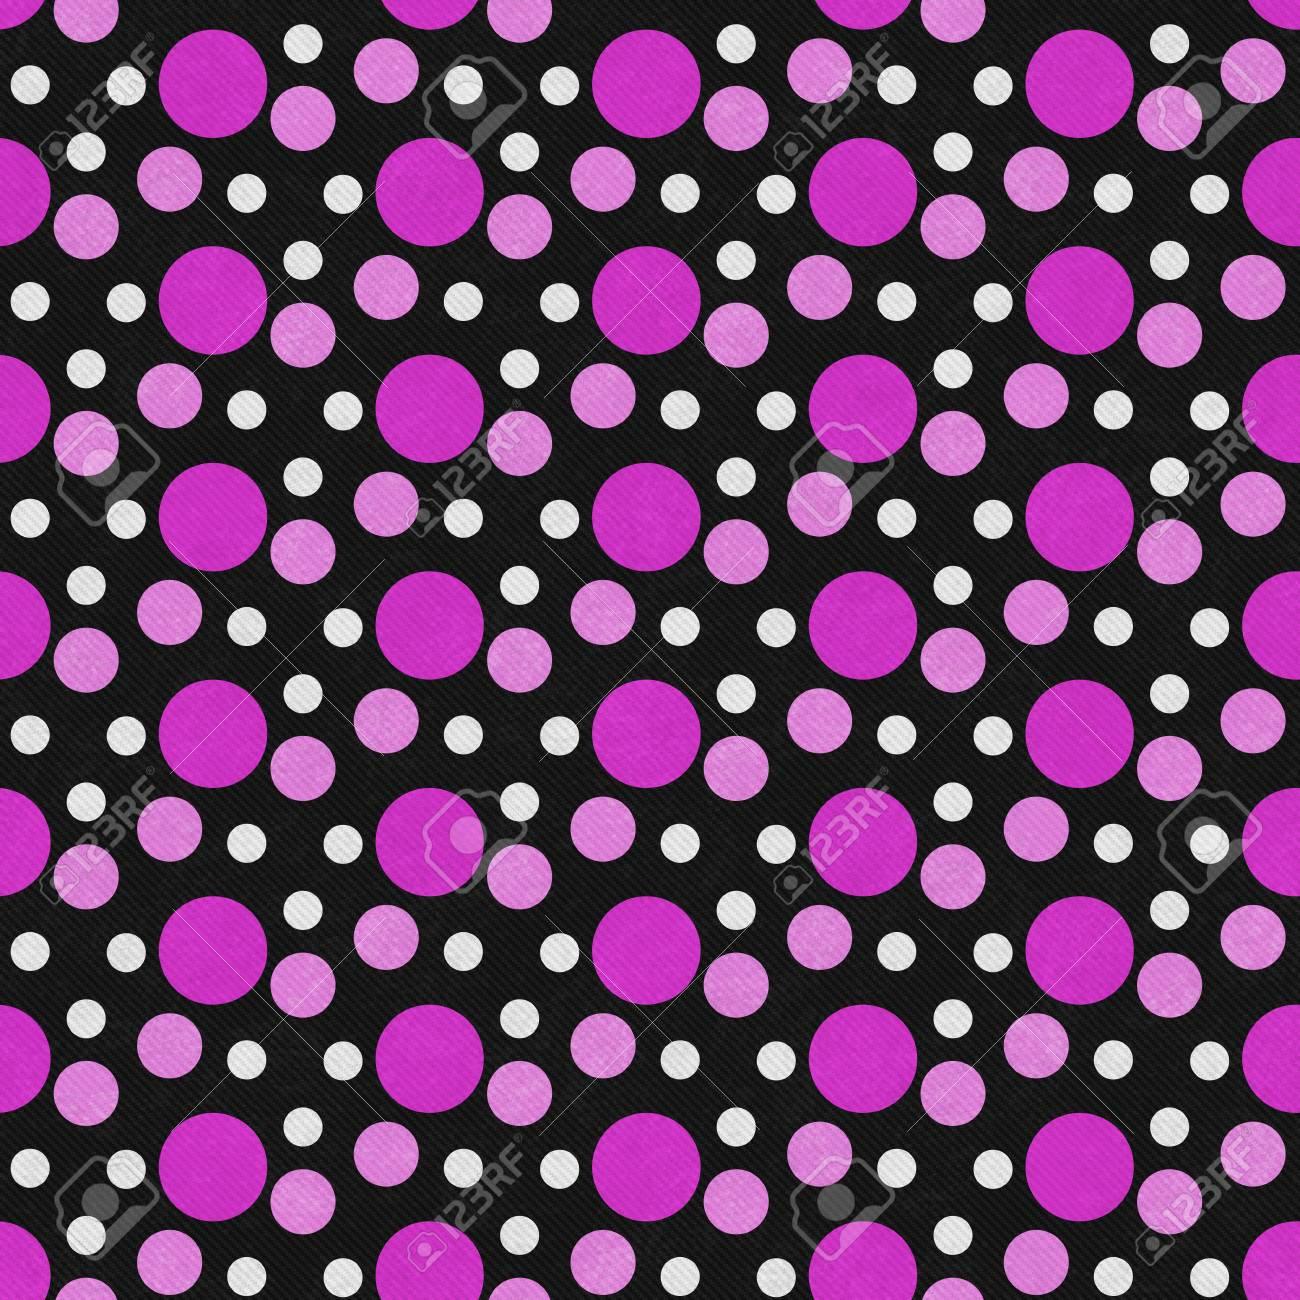 Immagini Stock Rosa Bianco E Nero A Pois Del Reticolo Delle